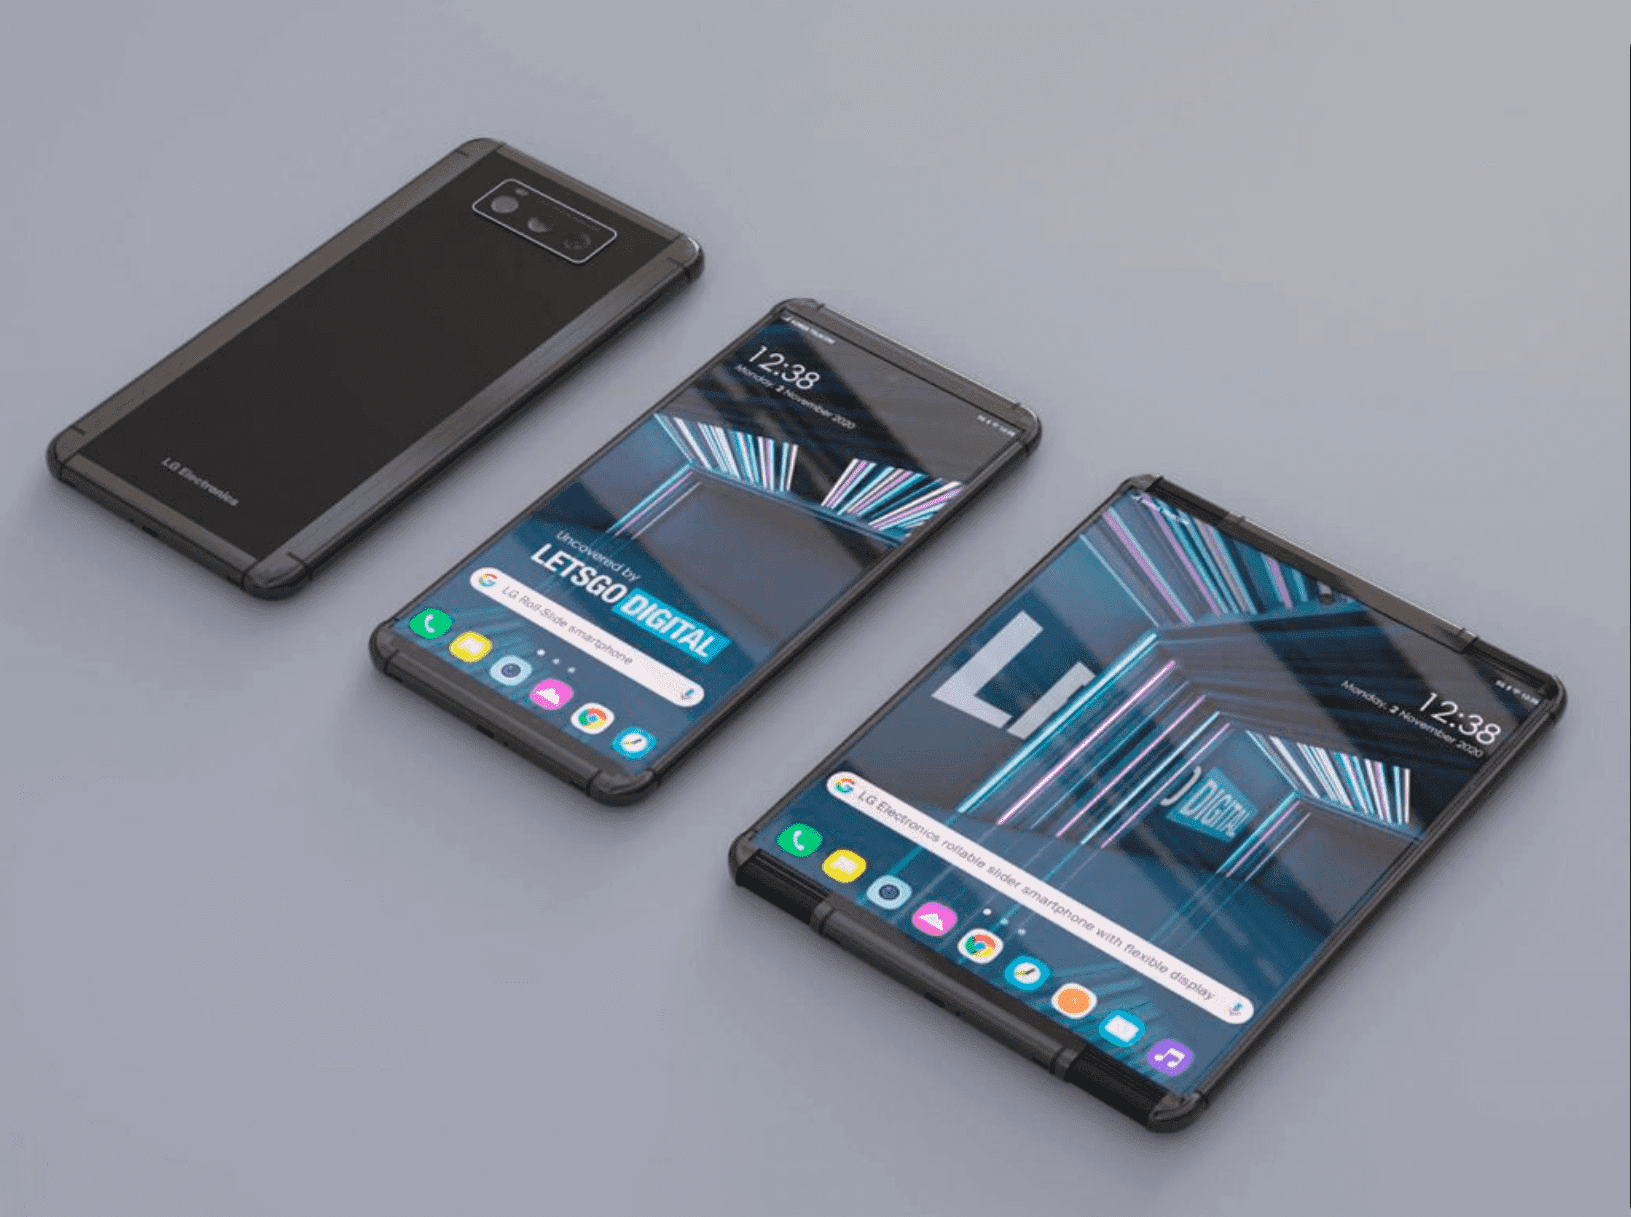 ¿Móvil enrollable de Samsung? Así sería la mejor alternativa a los móviles plegables